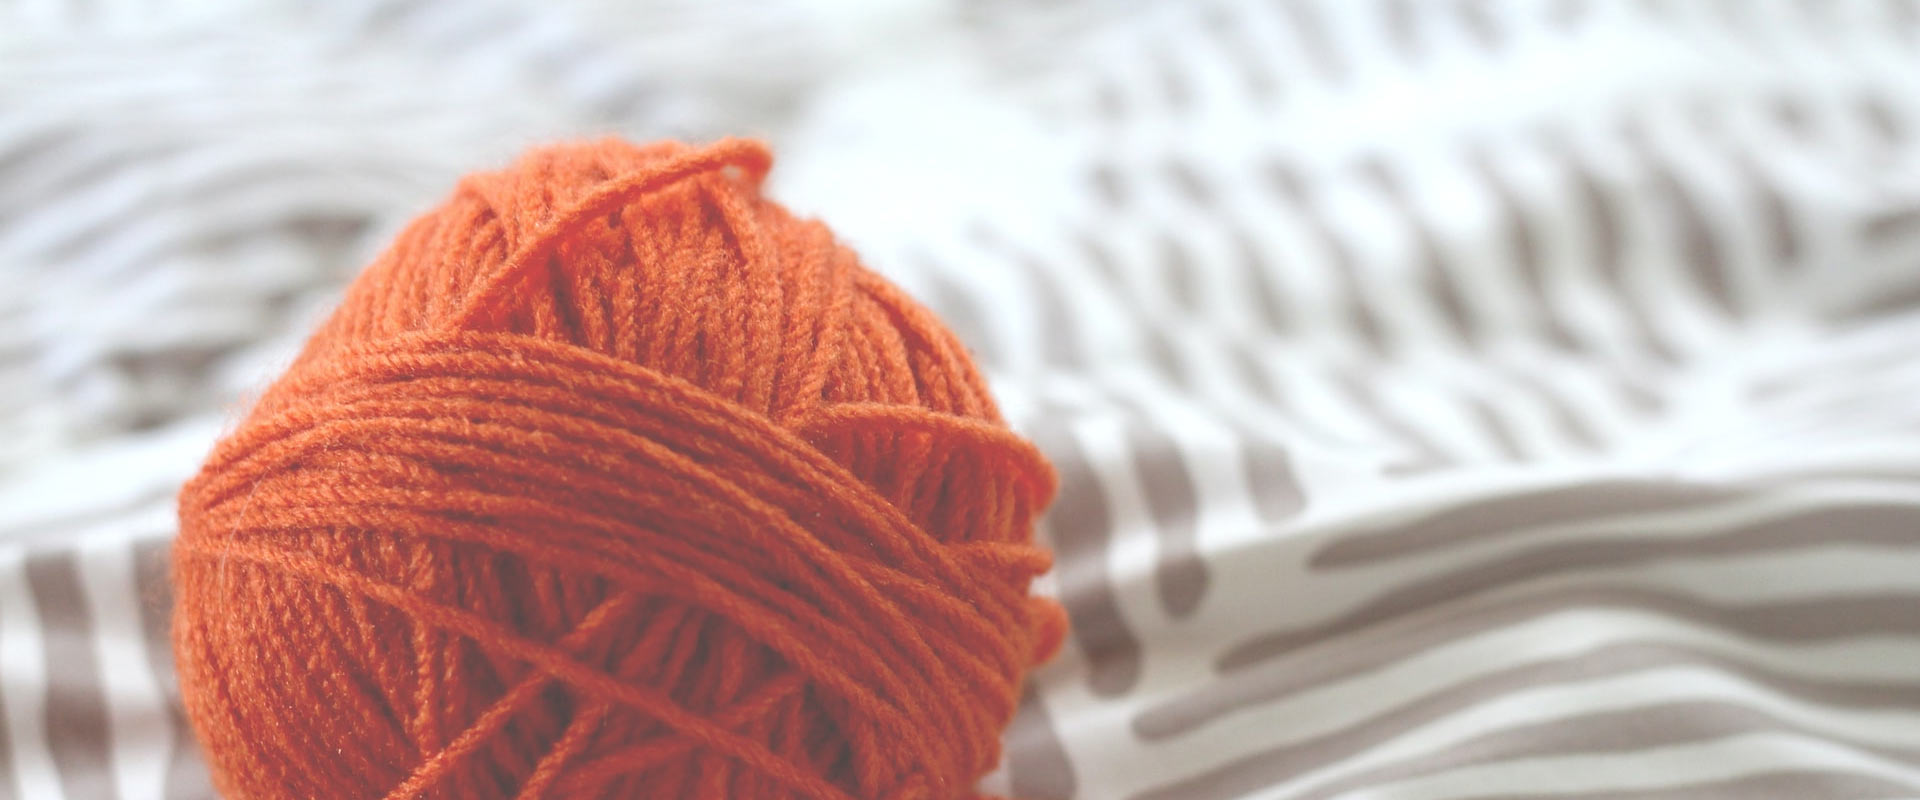 Nowa polityka w systemach certyfikacji tekstyliów.